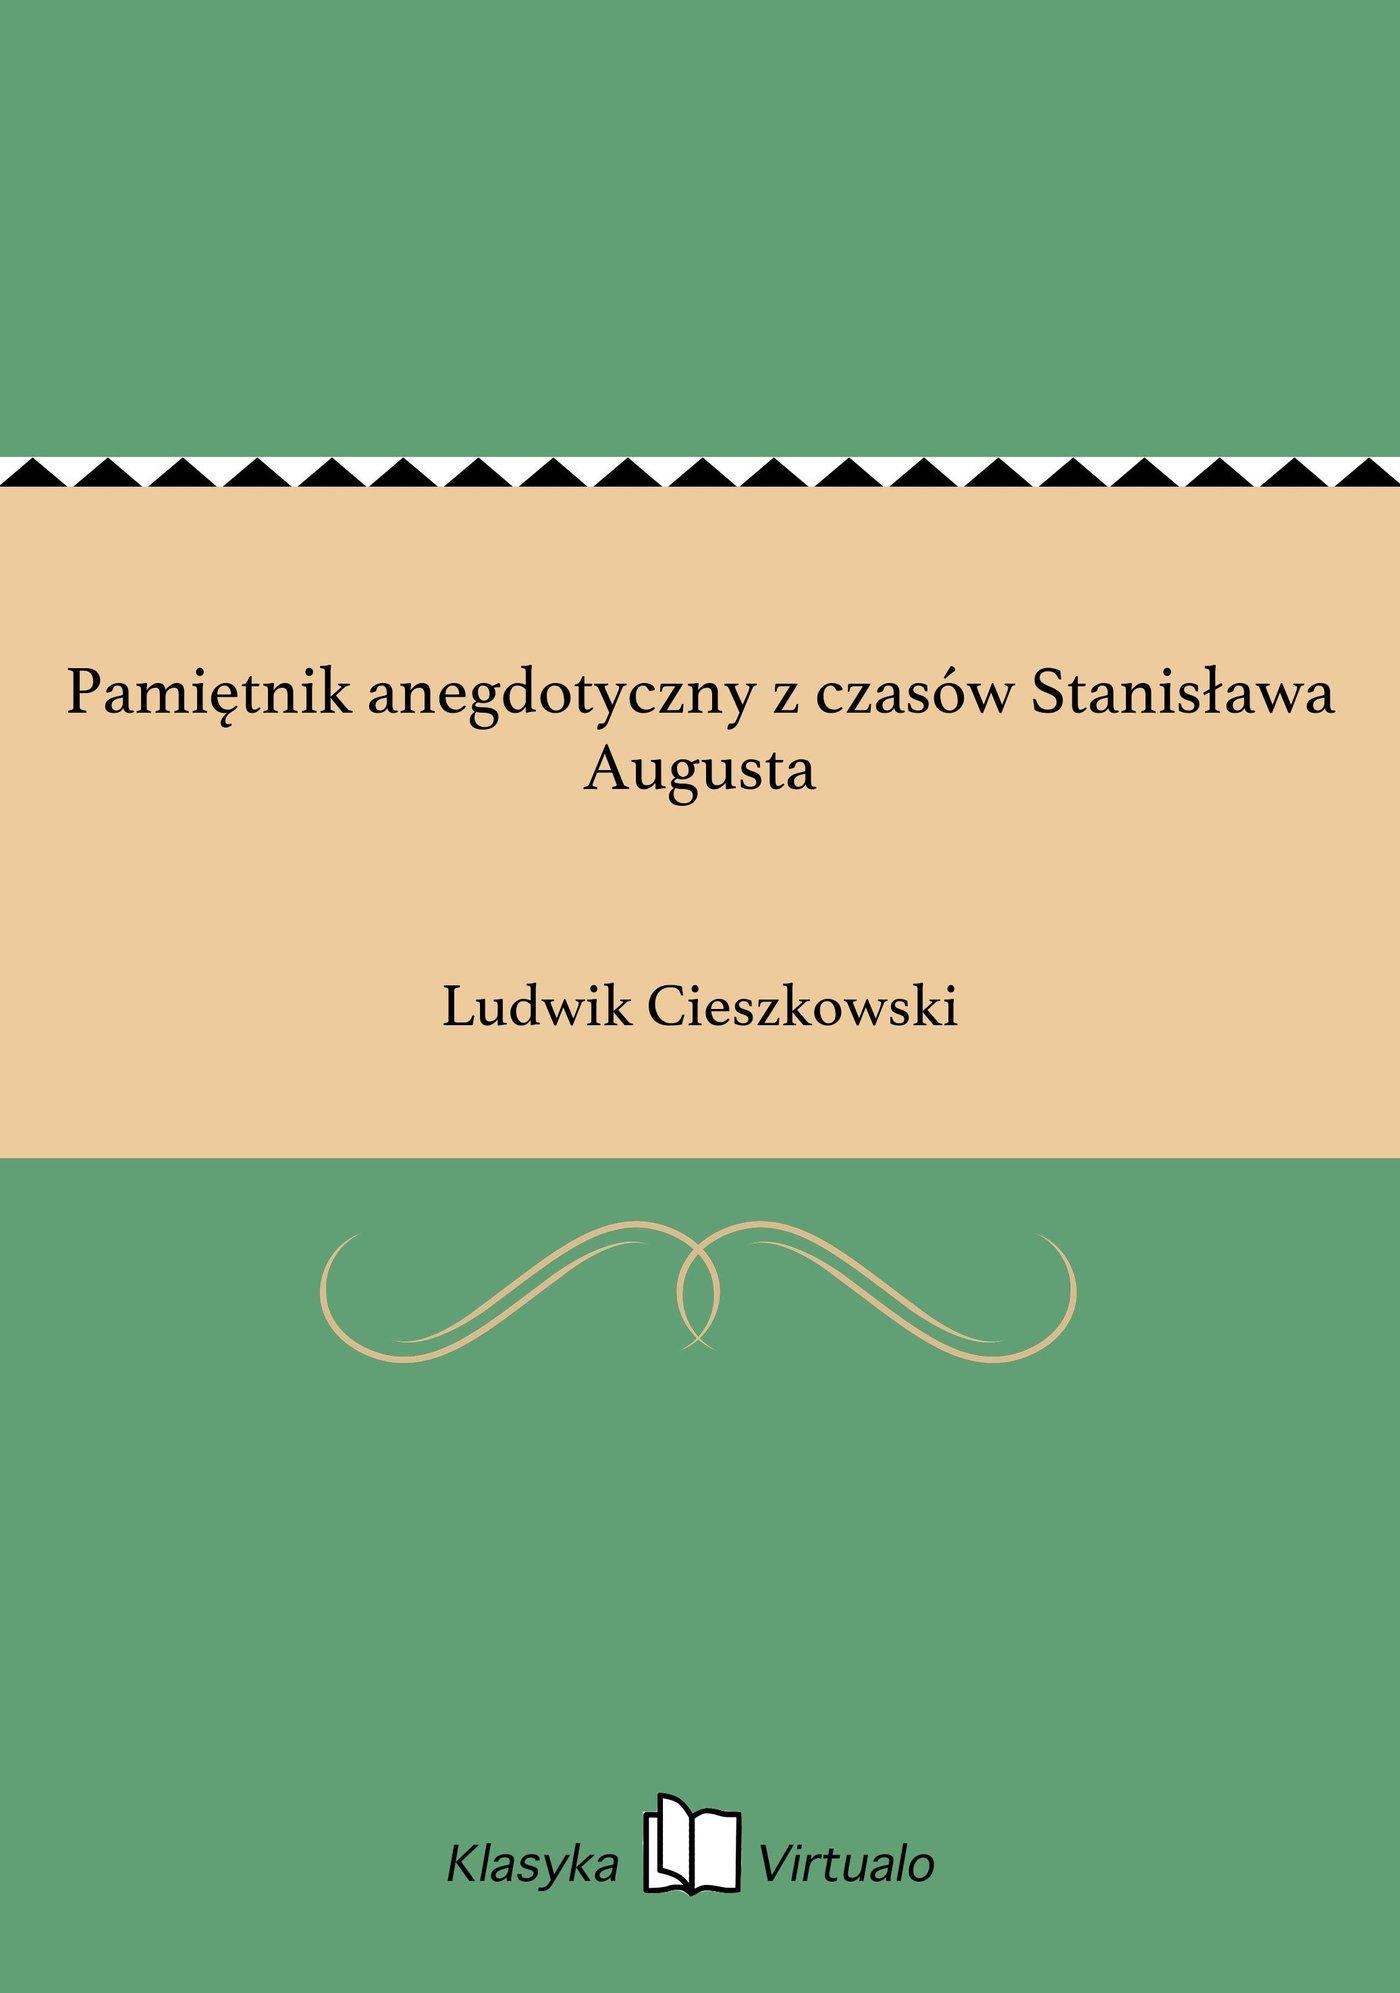 Pamiętnik anegdotyczny z czasów Stanisława Augusta - Ebook (Książka EPUB) do pobrania w formacie EPUB